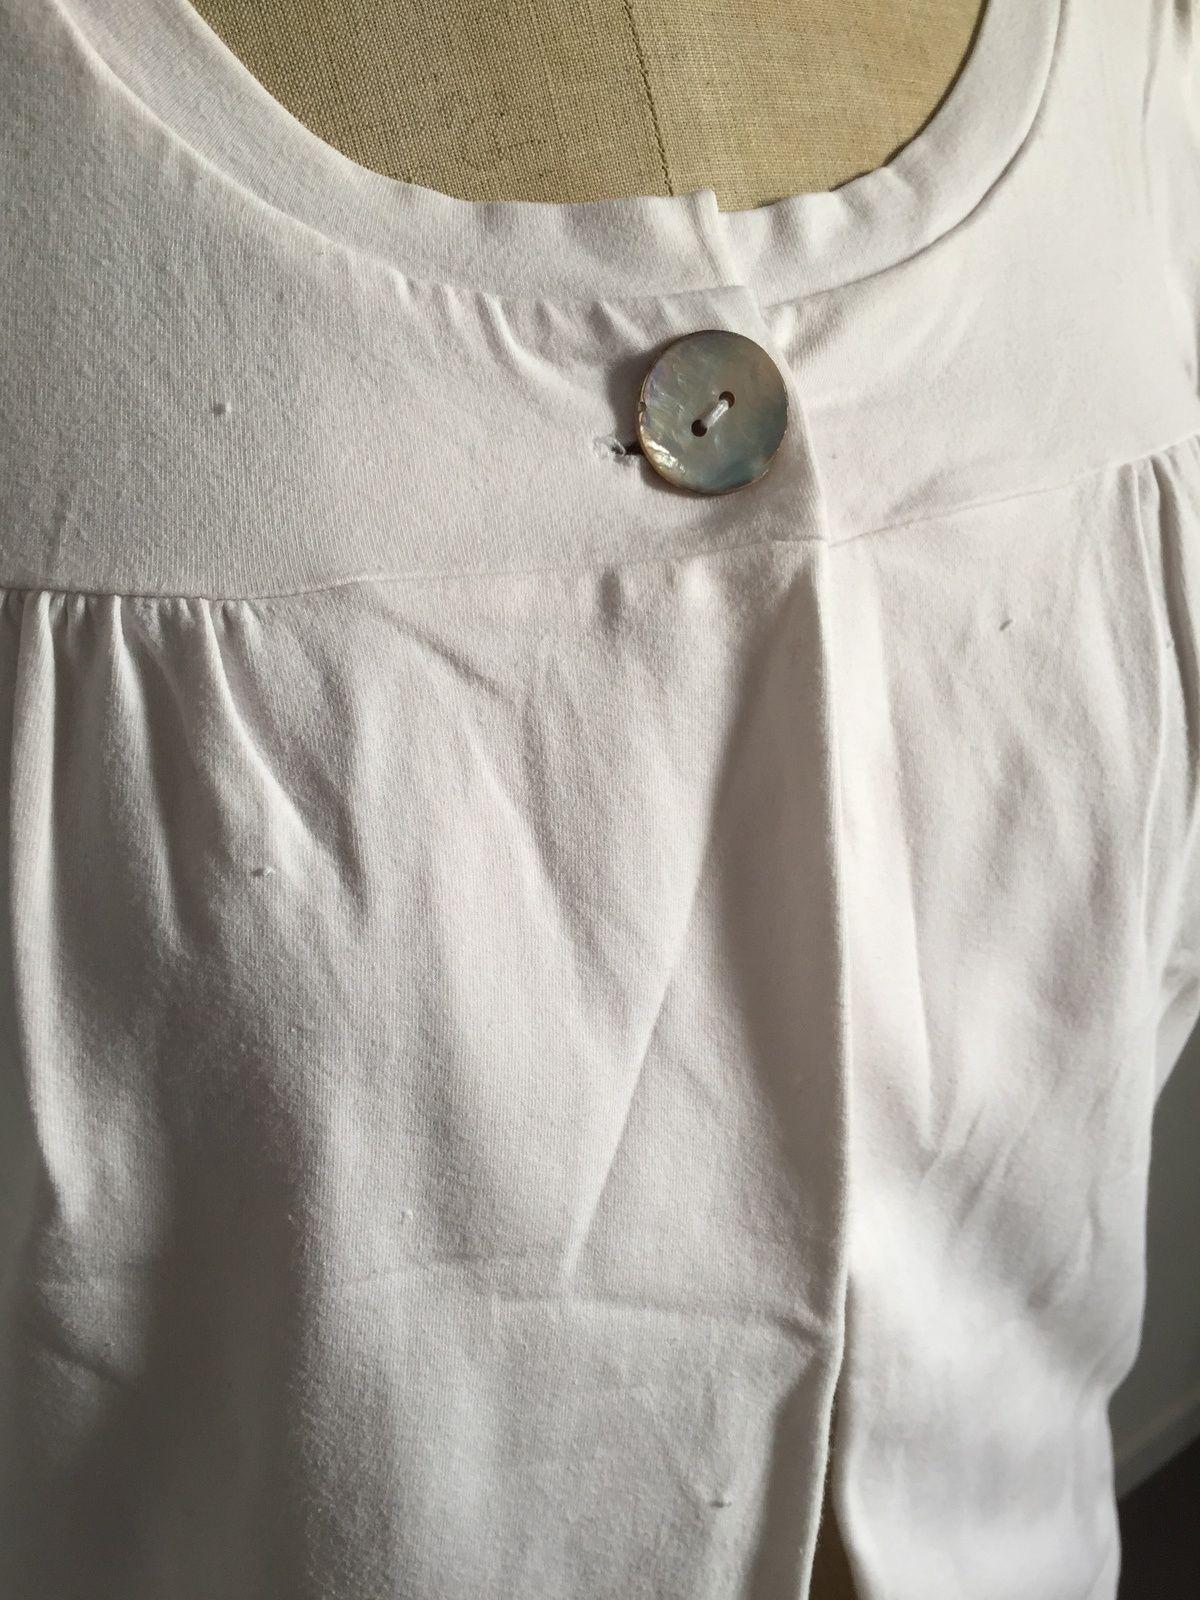 mode femme créateur Blancs Manteaux Paris  sur charlotteblabla blog